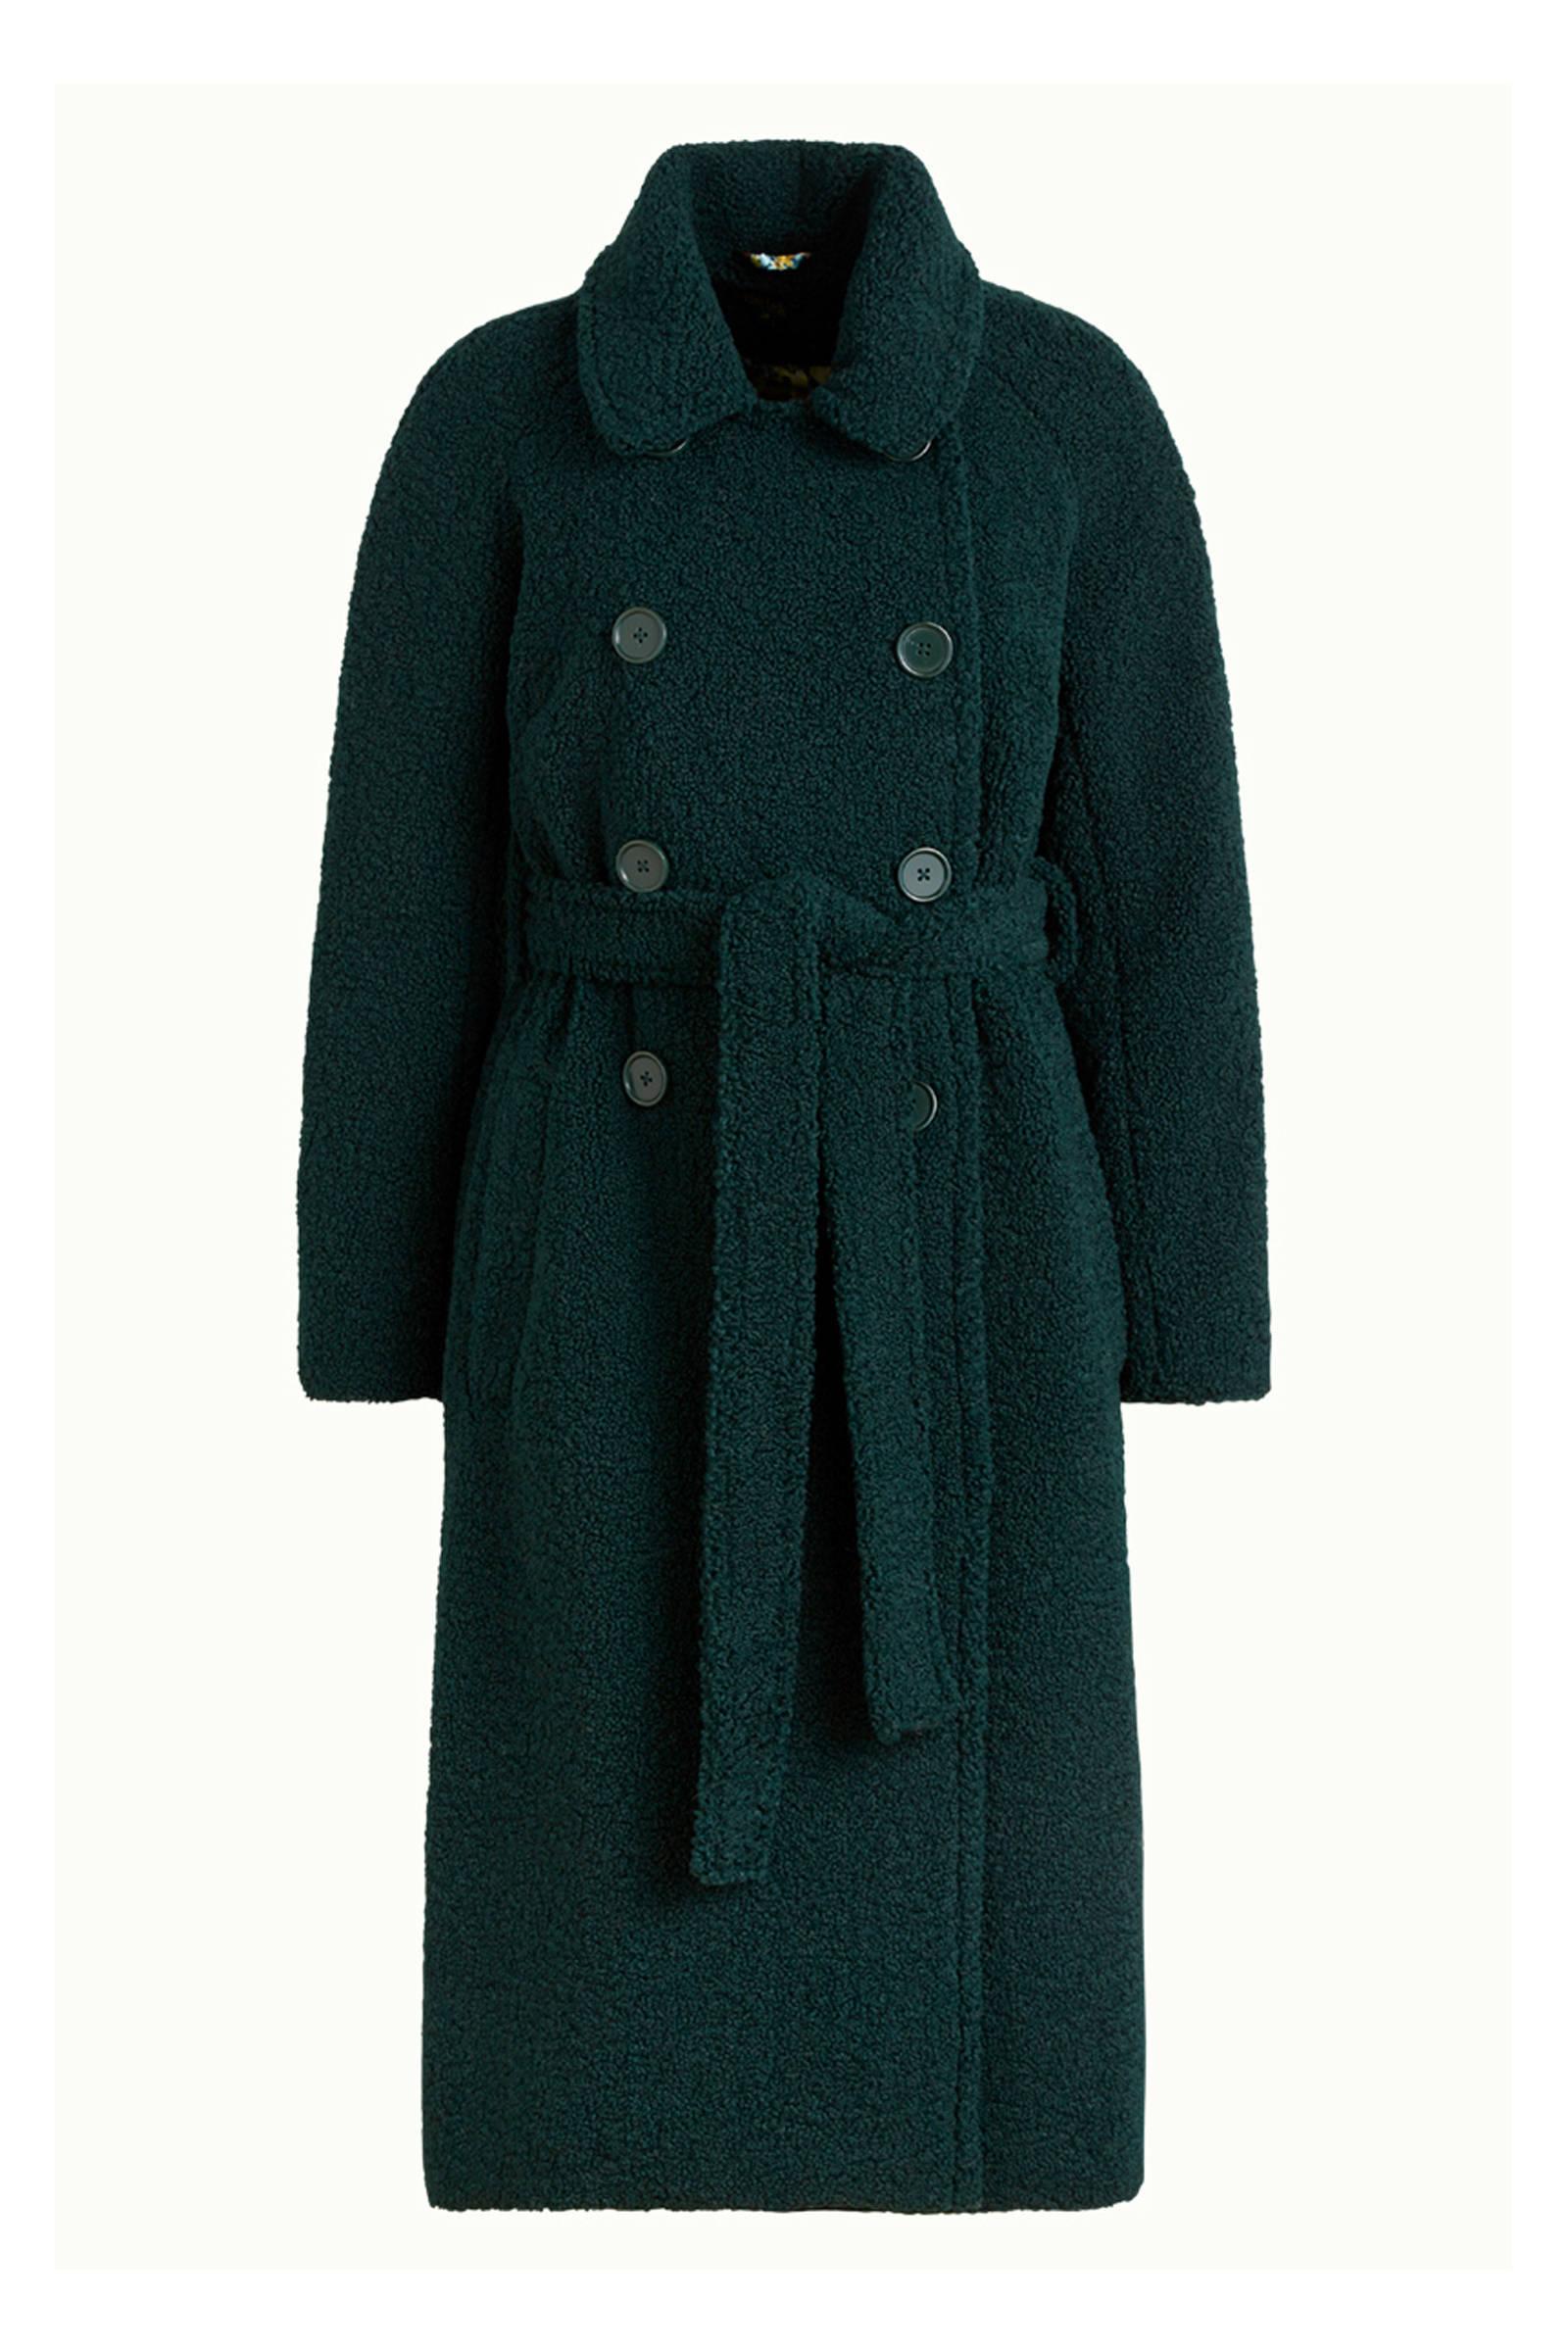 King Louie teddy jas Edith Murphy met ceintuur donkergroen